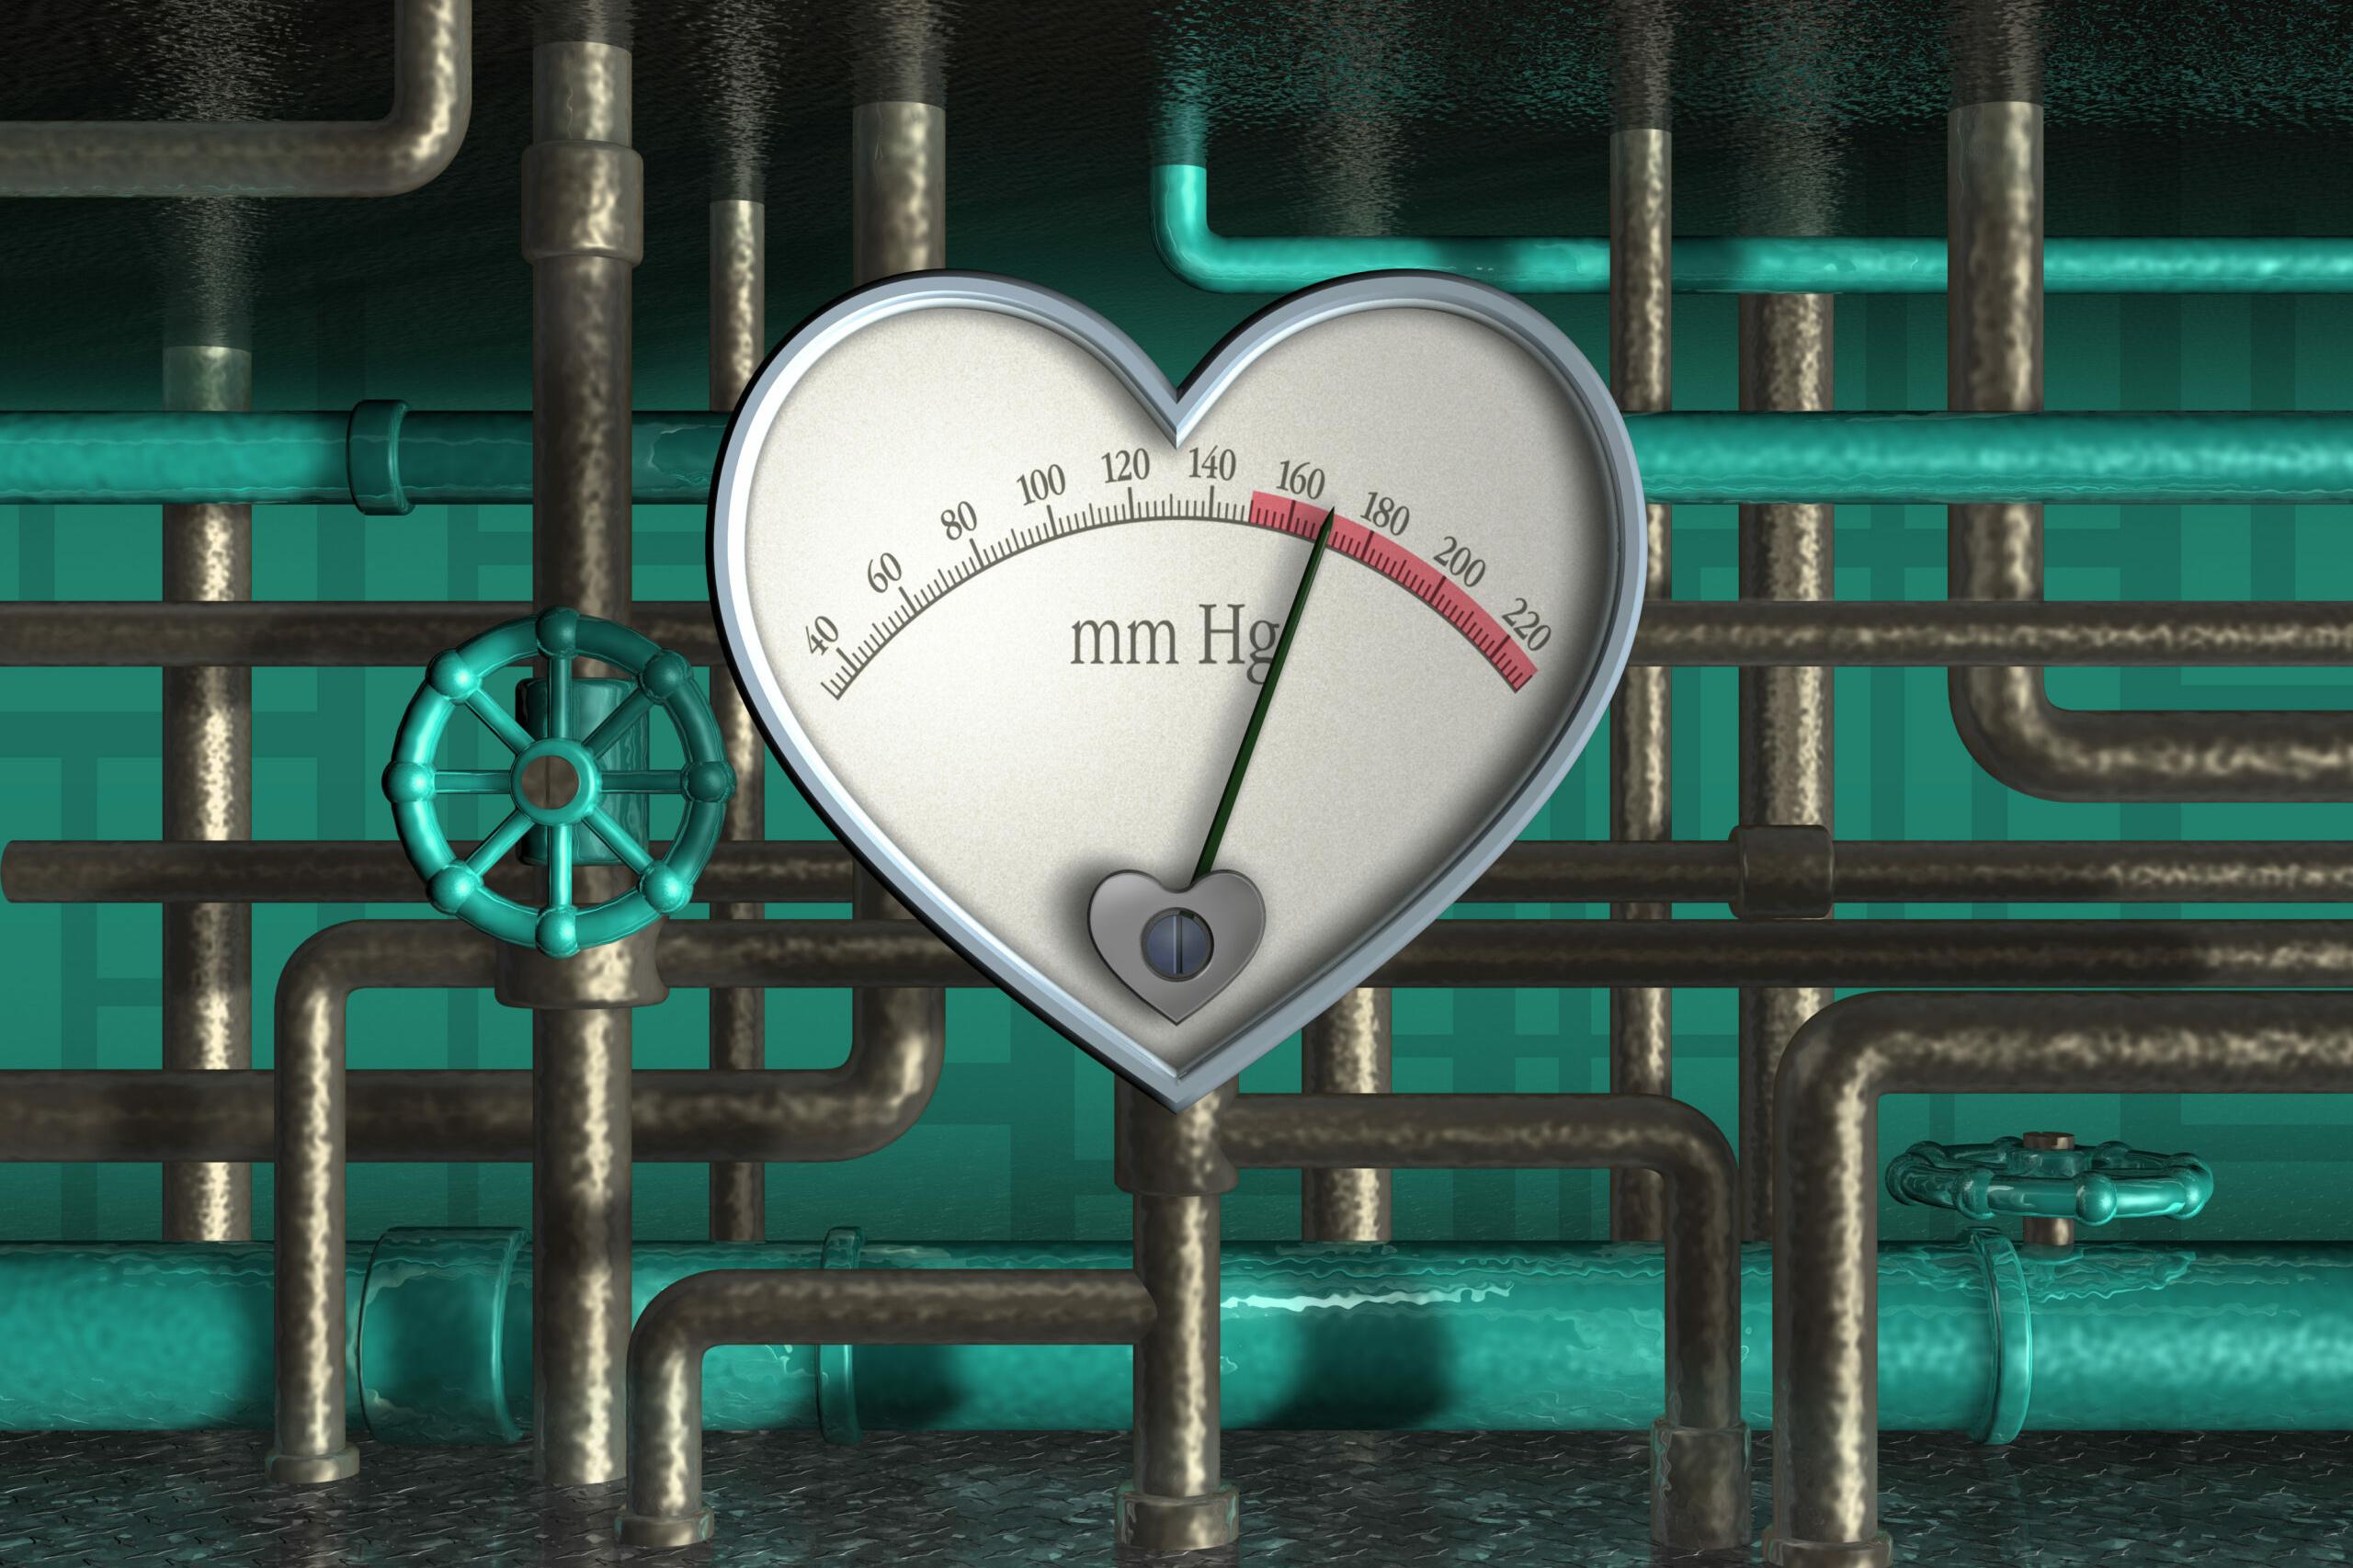 Bluthochdruck: Ein Rohrsystem führt zu einem metallisch geformten Herz auf dem die Pulsfrequenz angezeigt wird